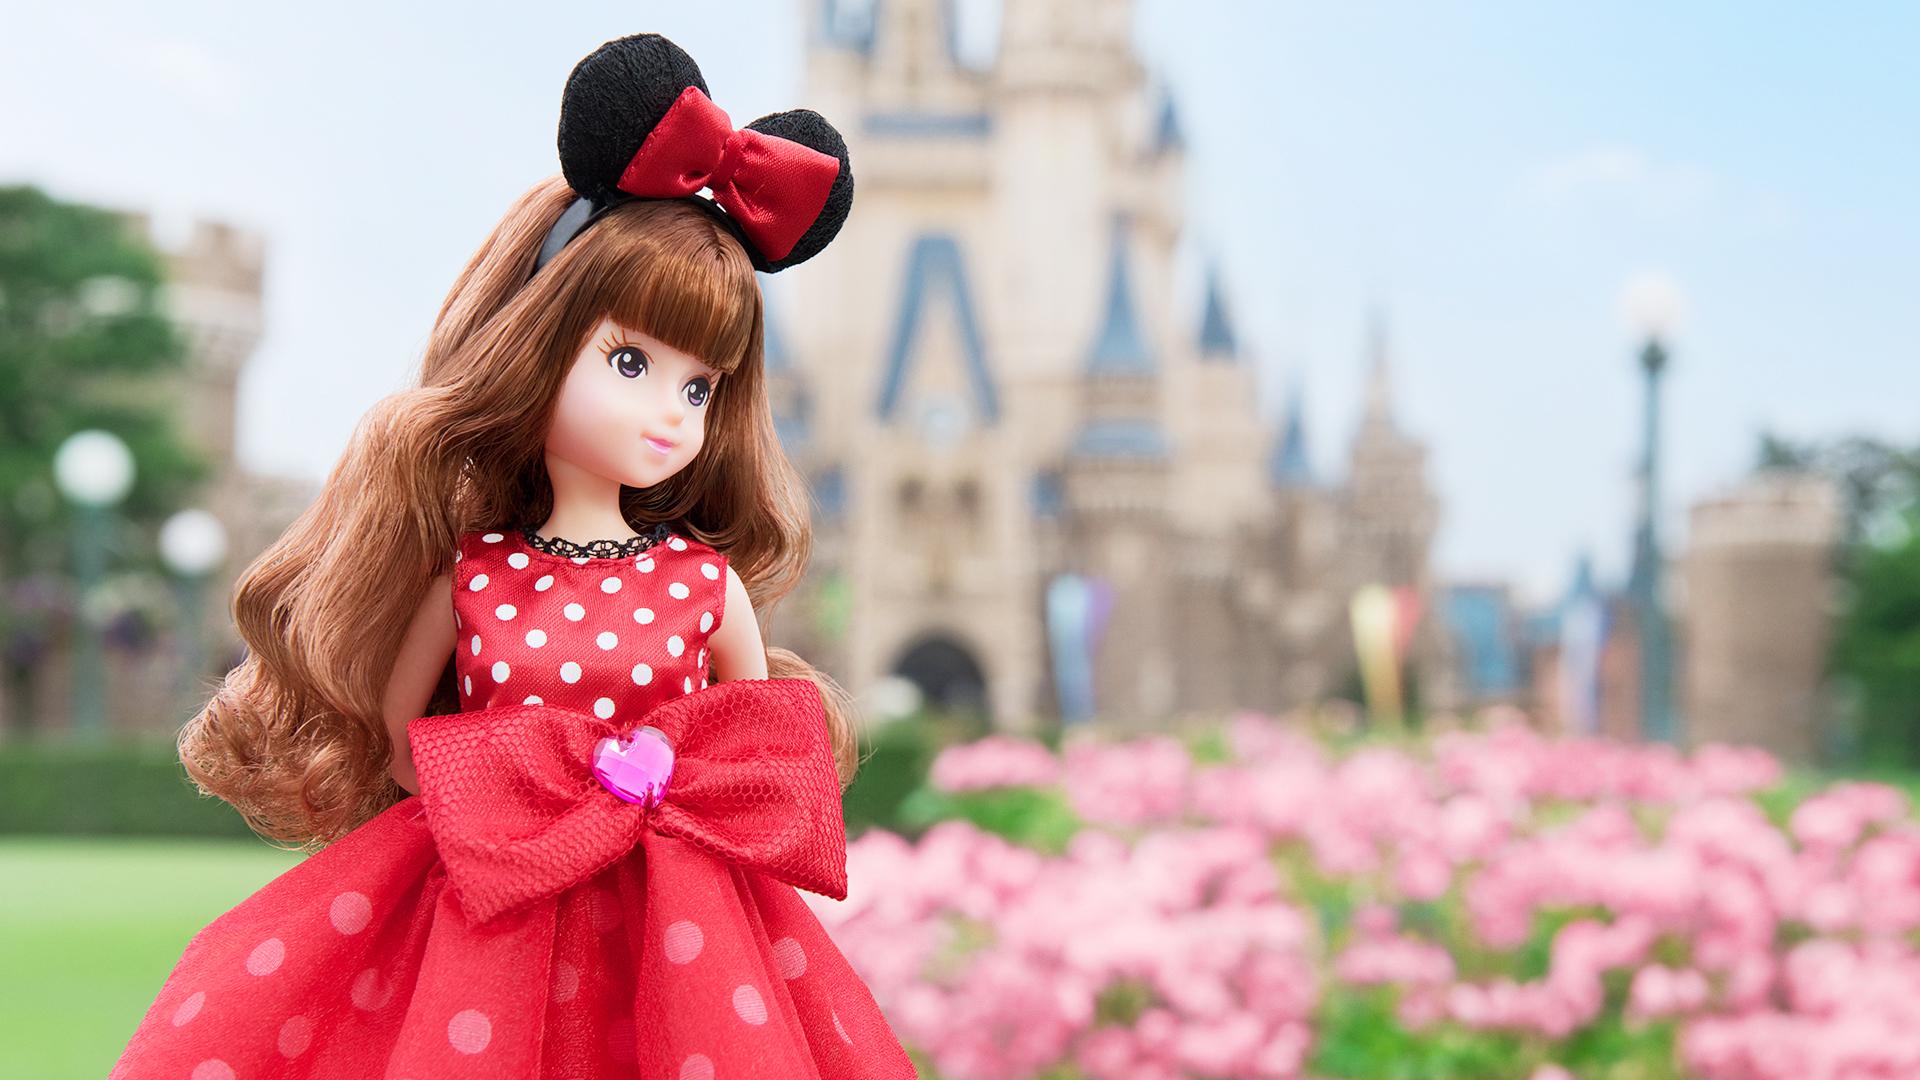 ミニーマウスをイメージしたお洋服を着た女の子